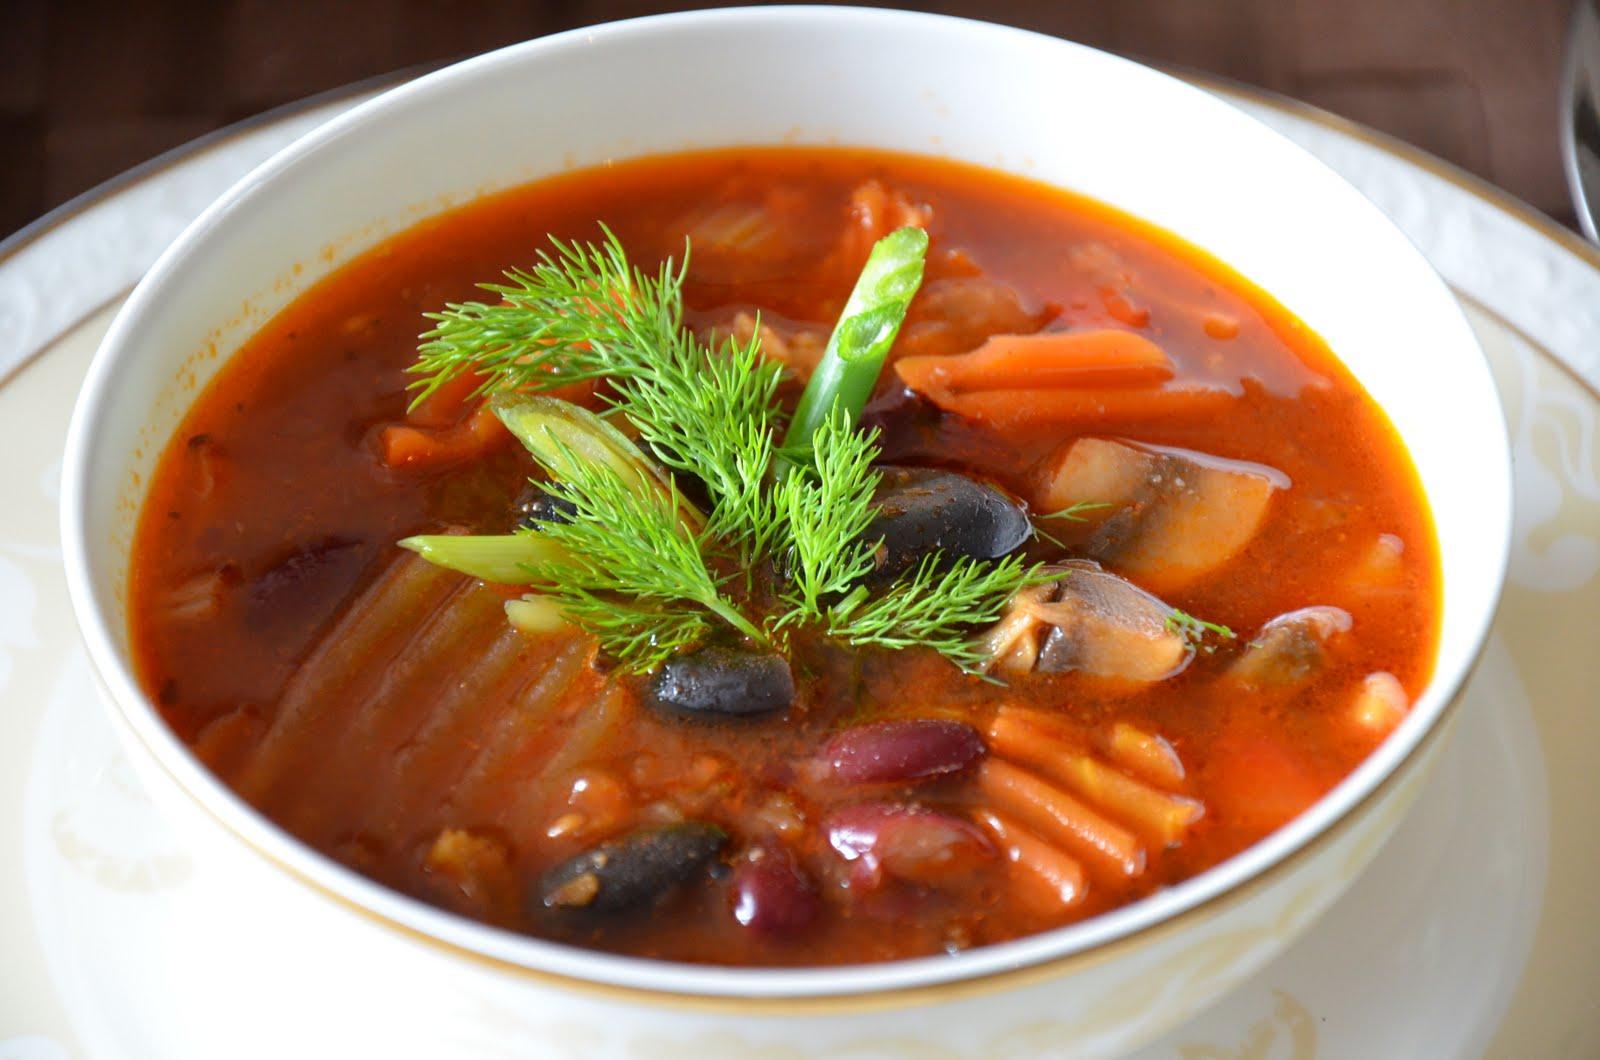 фасолевый суп из консервированной фасоли в мультиварке рецепт с фото